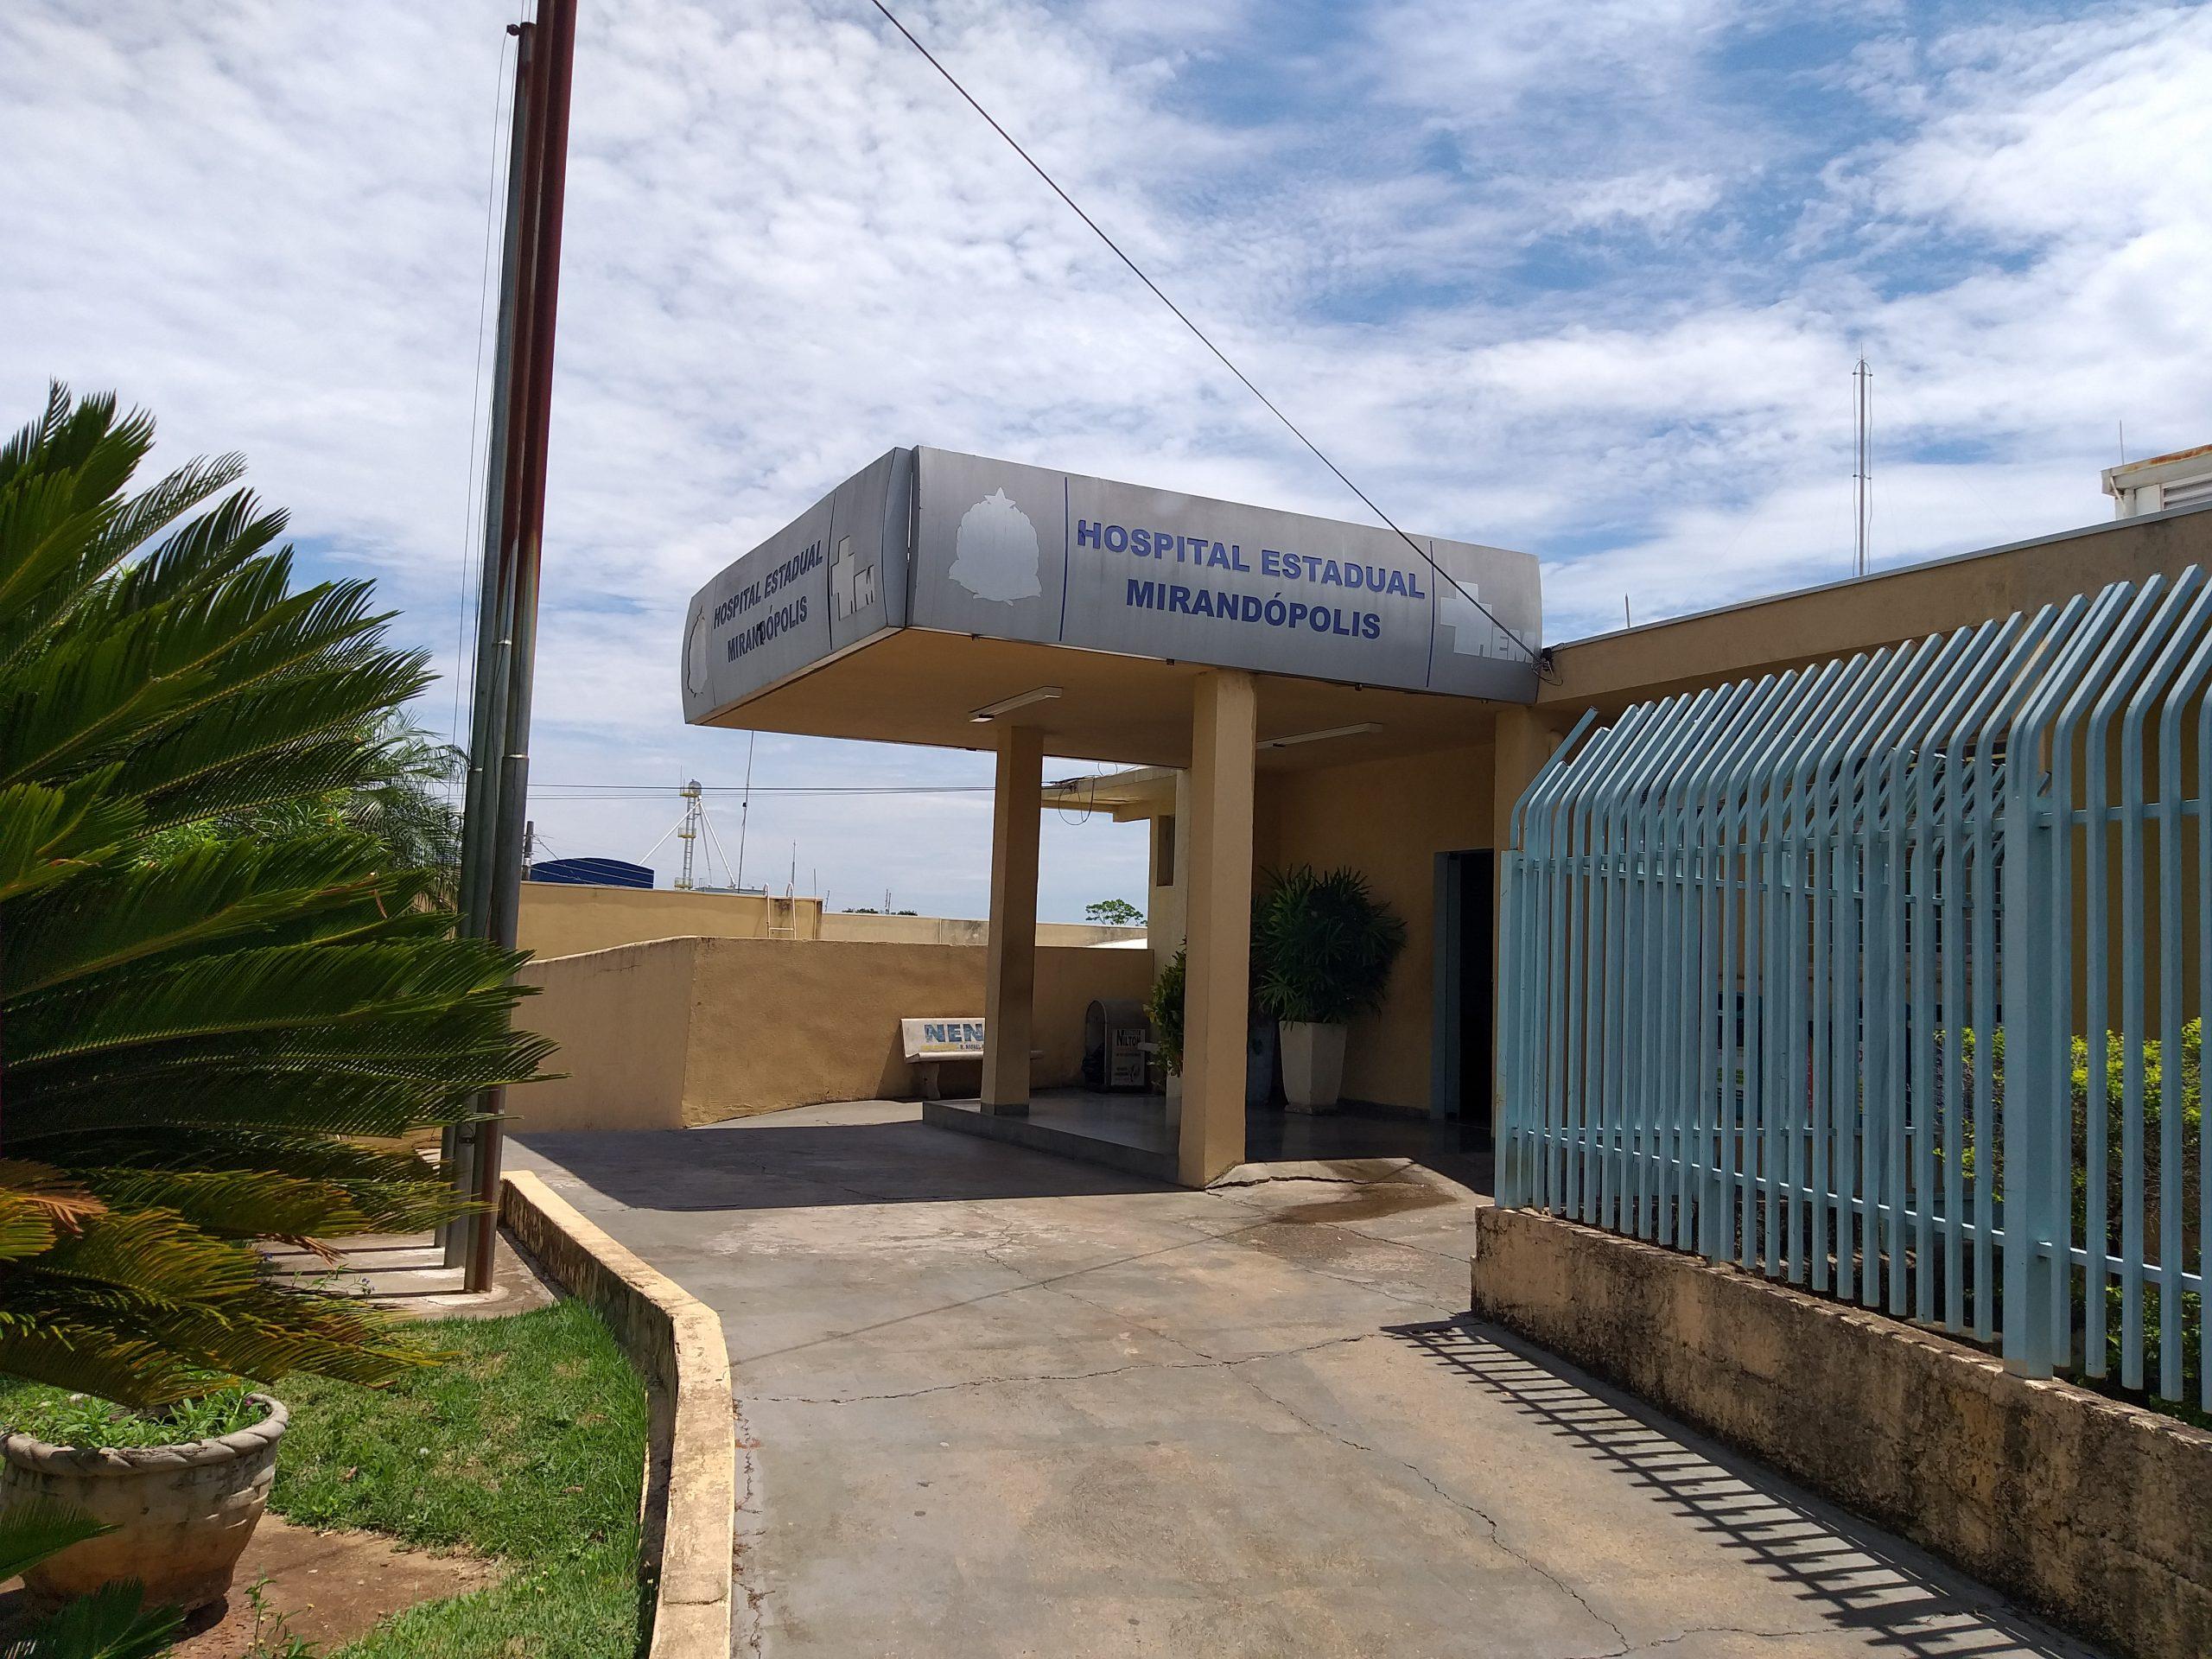 Mirandópolis registra 35ª morte por Covid-19; Hospital Estadual atinge 185% de ocupação e para de atender por 8 horas